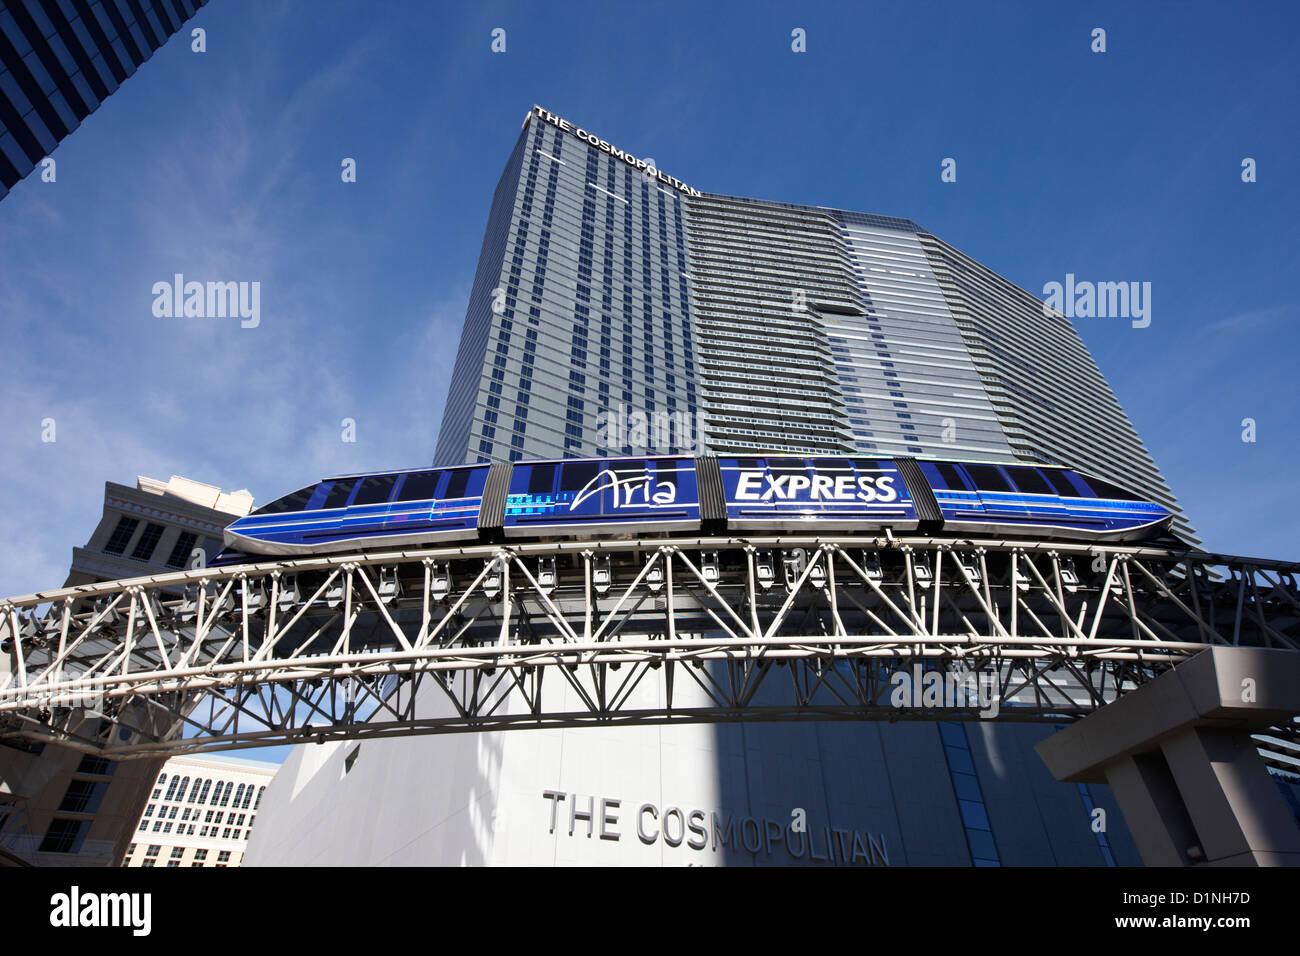 L'aria express transport monorail à l'extérieur de l'hôtel Cosmopolitan et casino Las Photo Stock